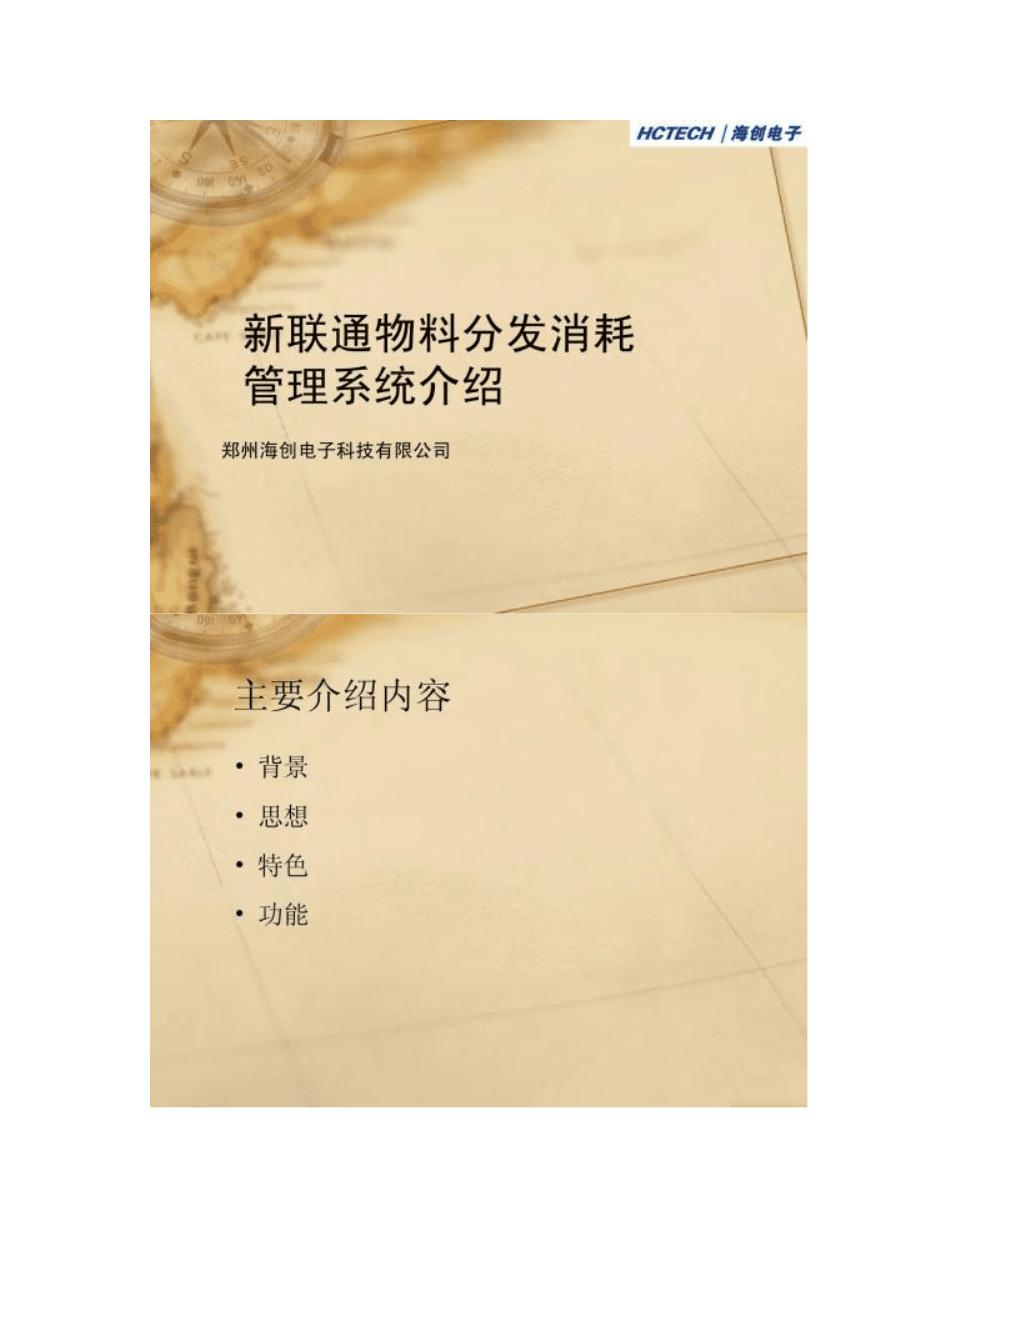 【图文】物料分发消耗管理系统项目介绍.doc